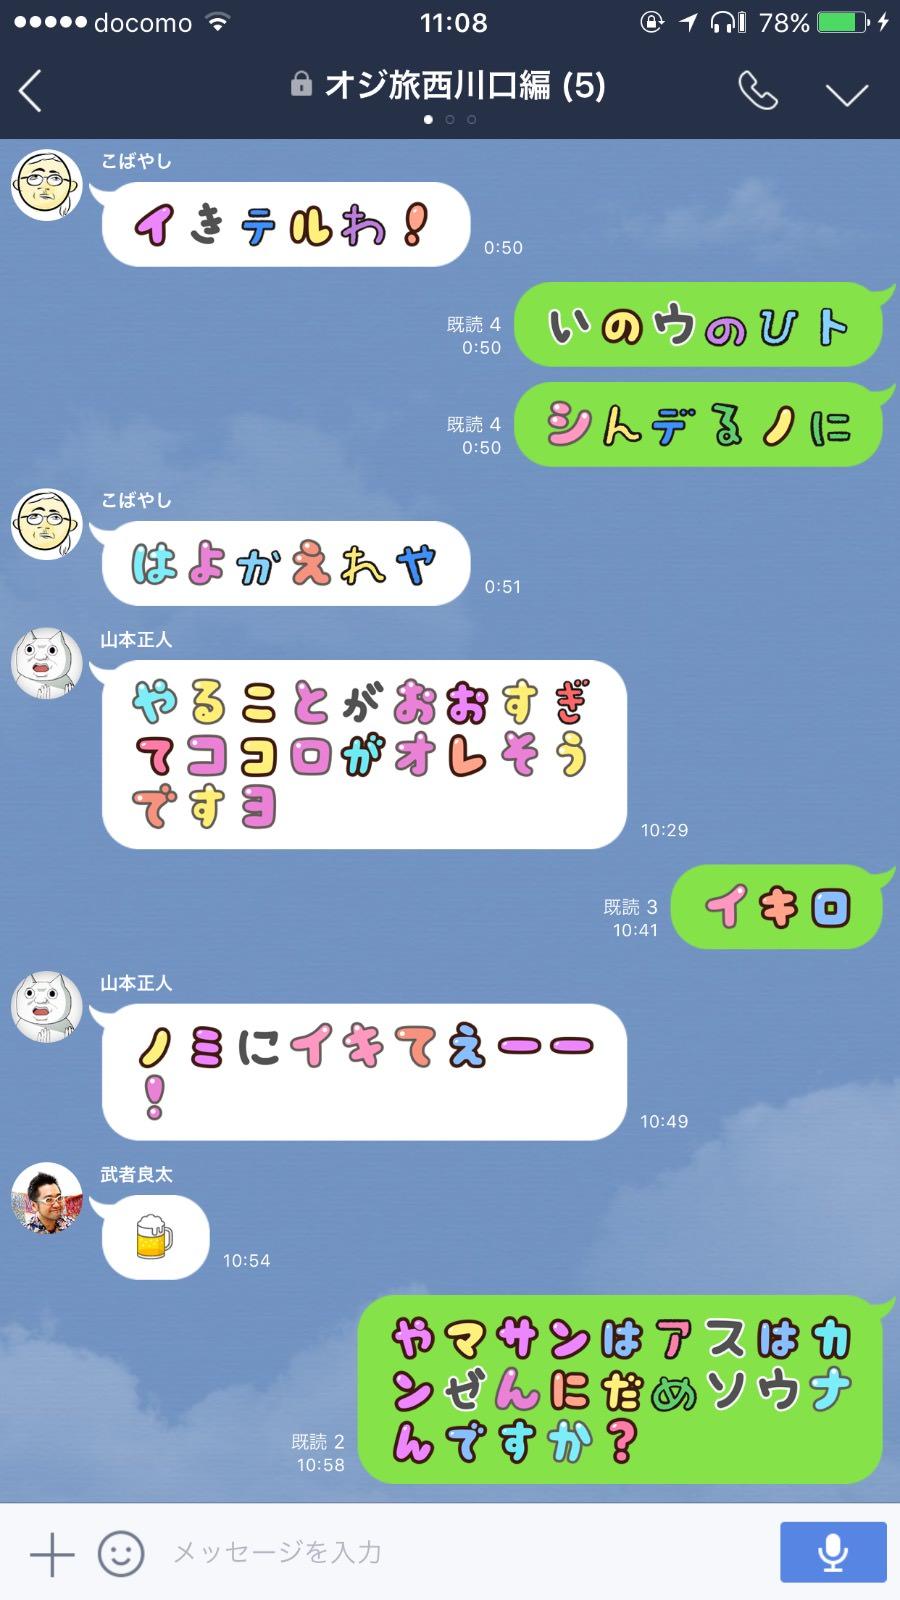 Line emoji 4821